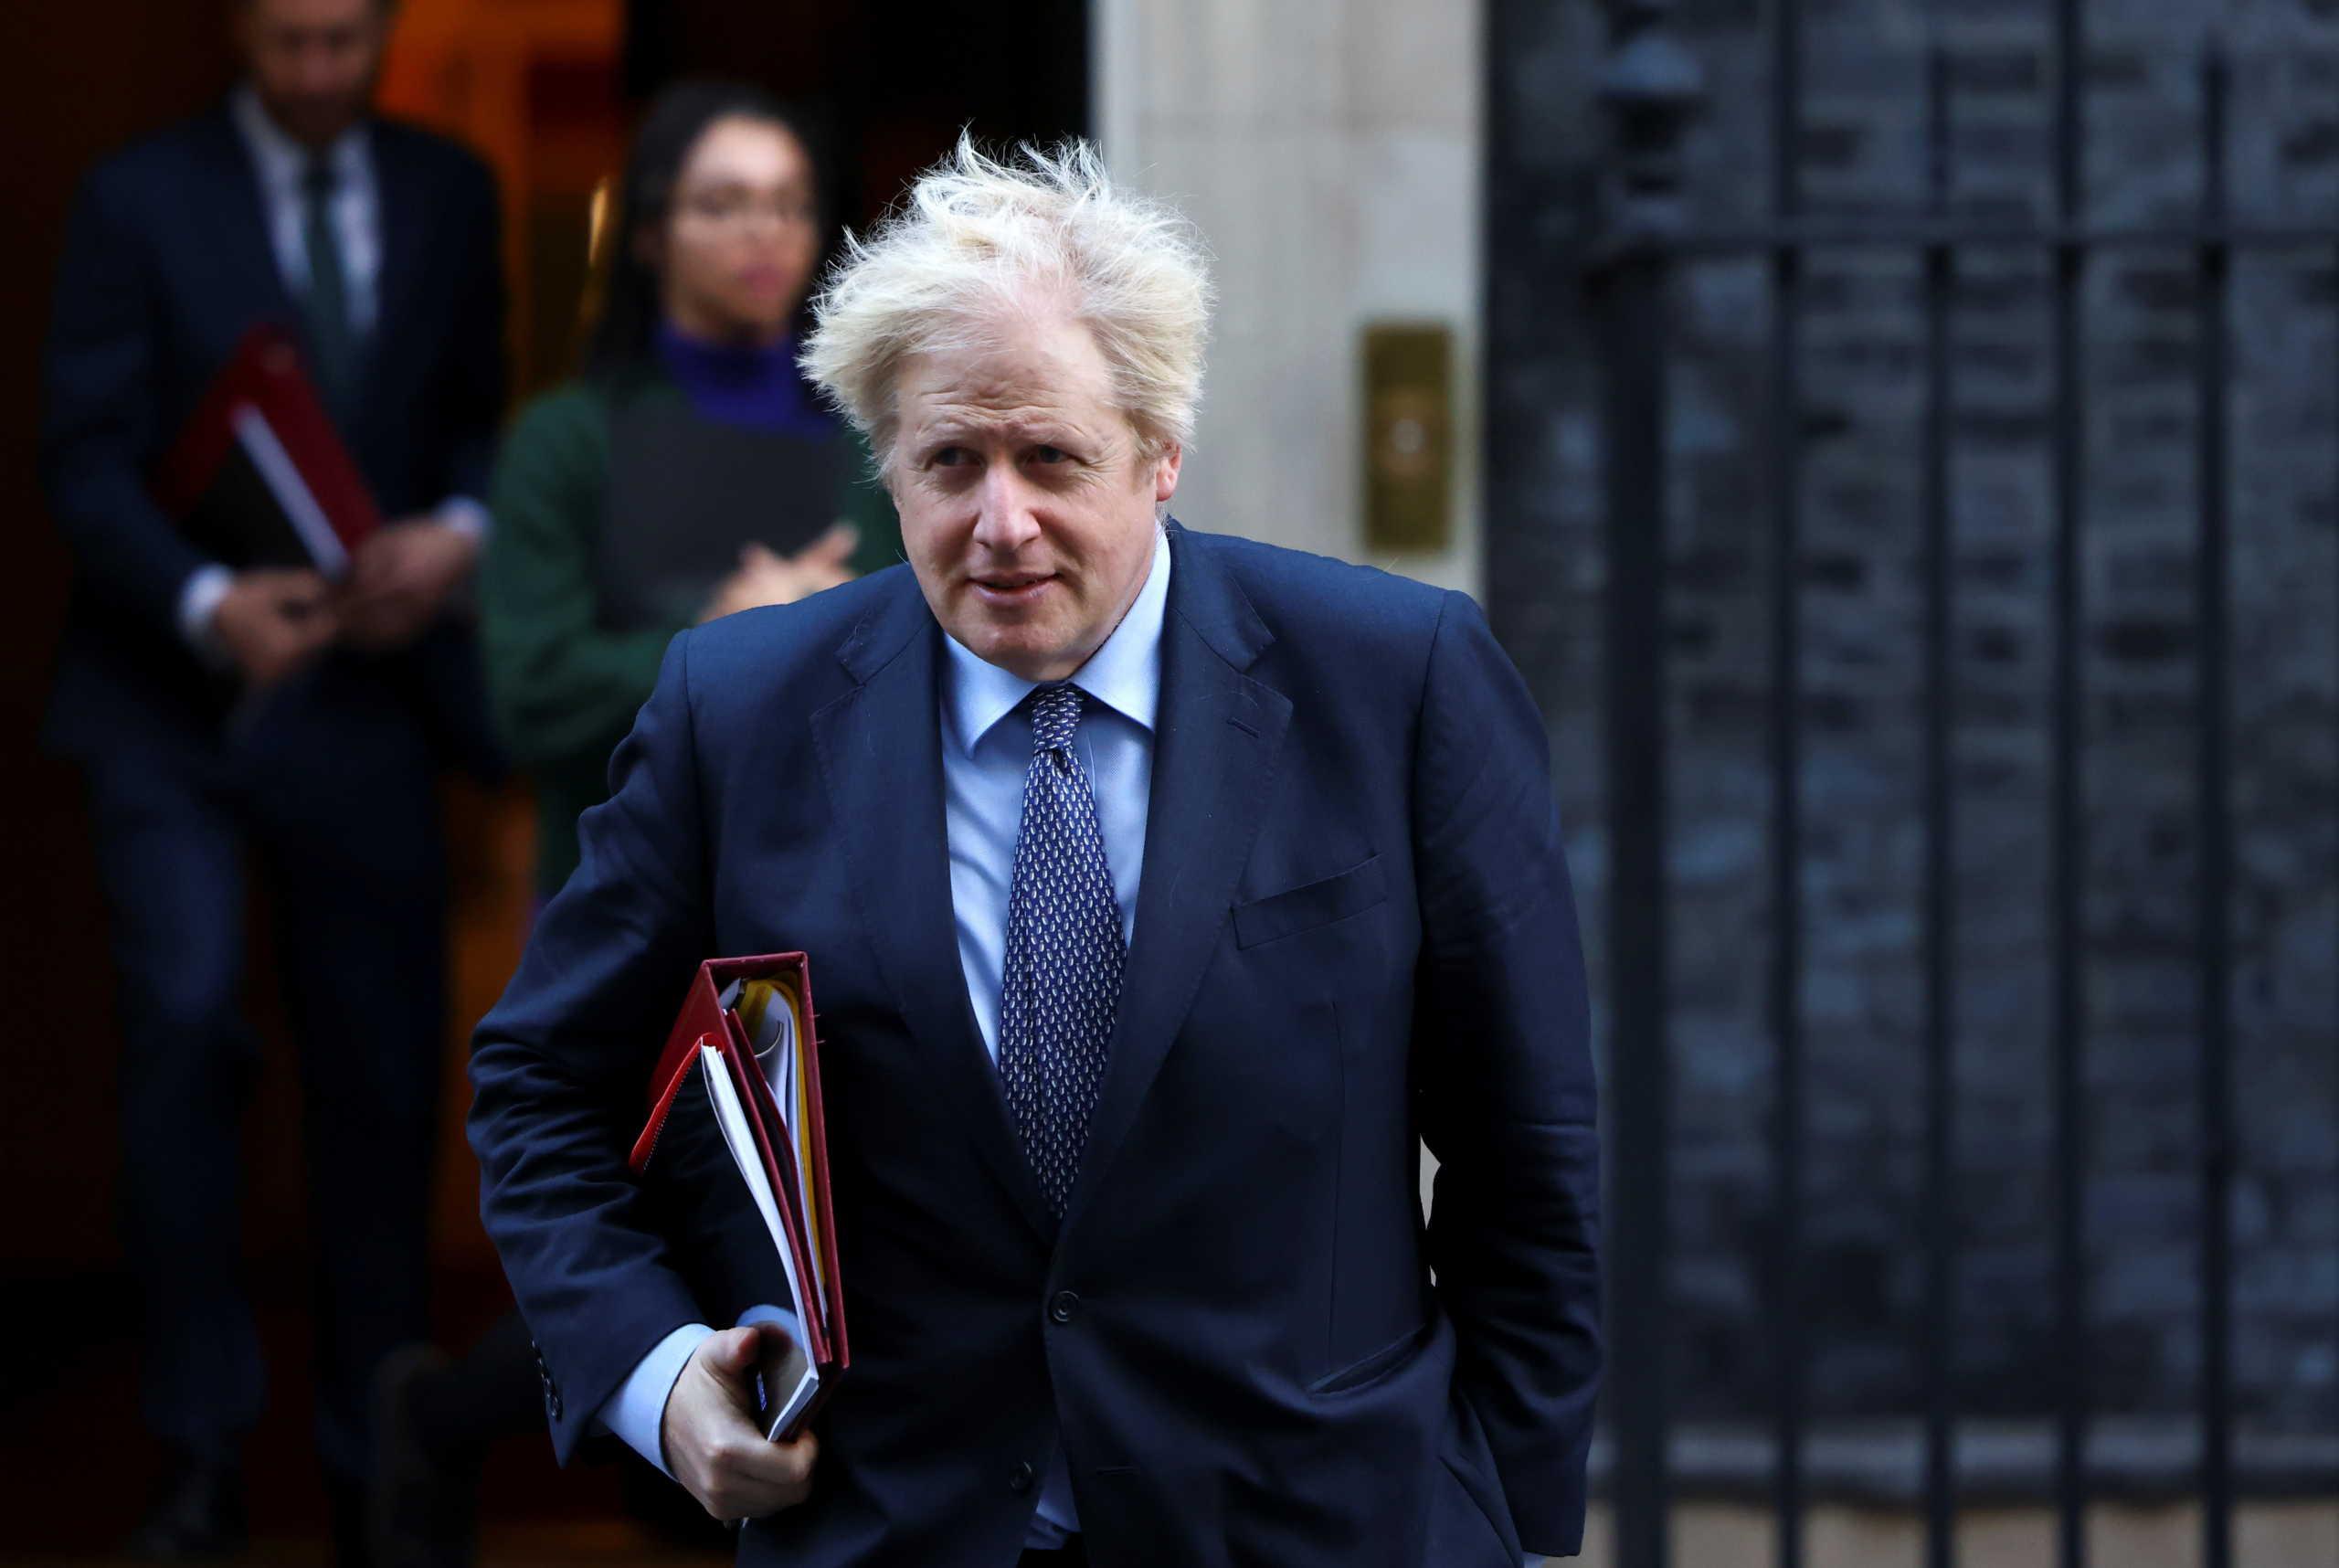 Ο πρωθυπουργός της Βρετανίας ενδέχεται να εμβολιαστεί μπροστά στον τηλεοπτικό φακό